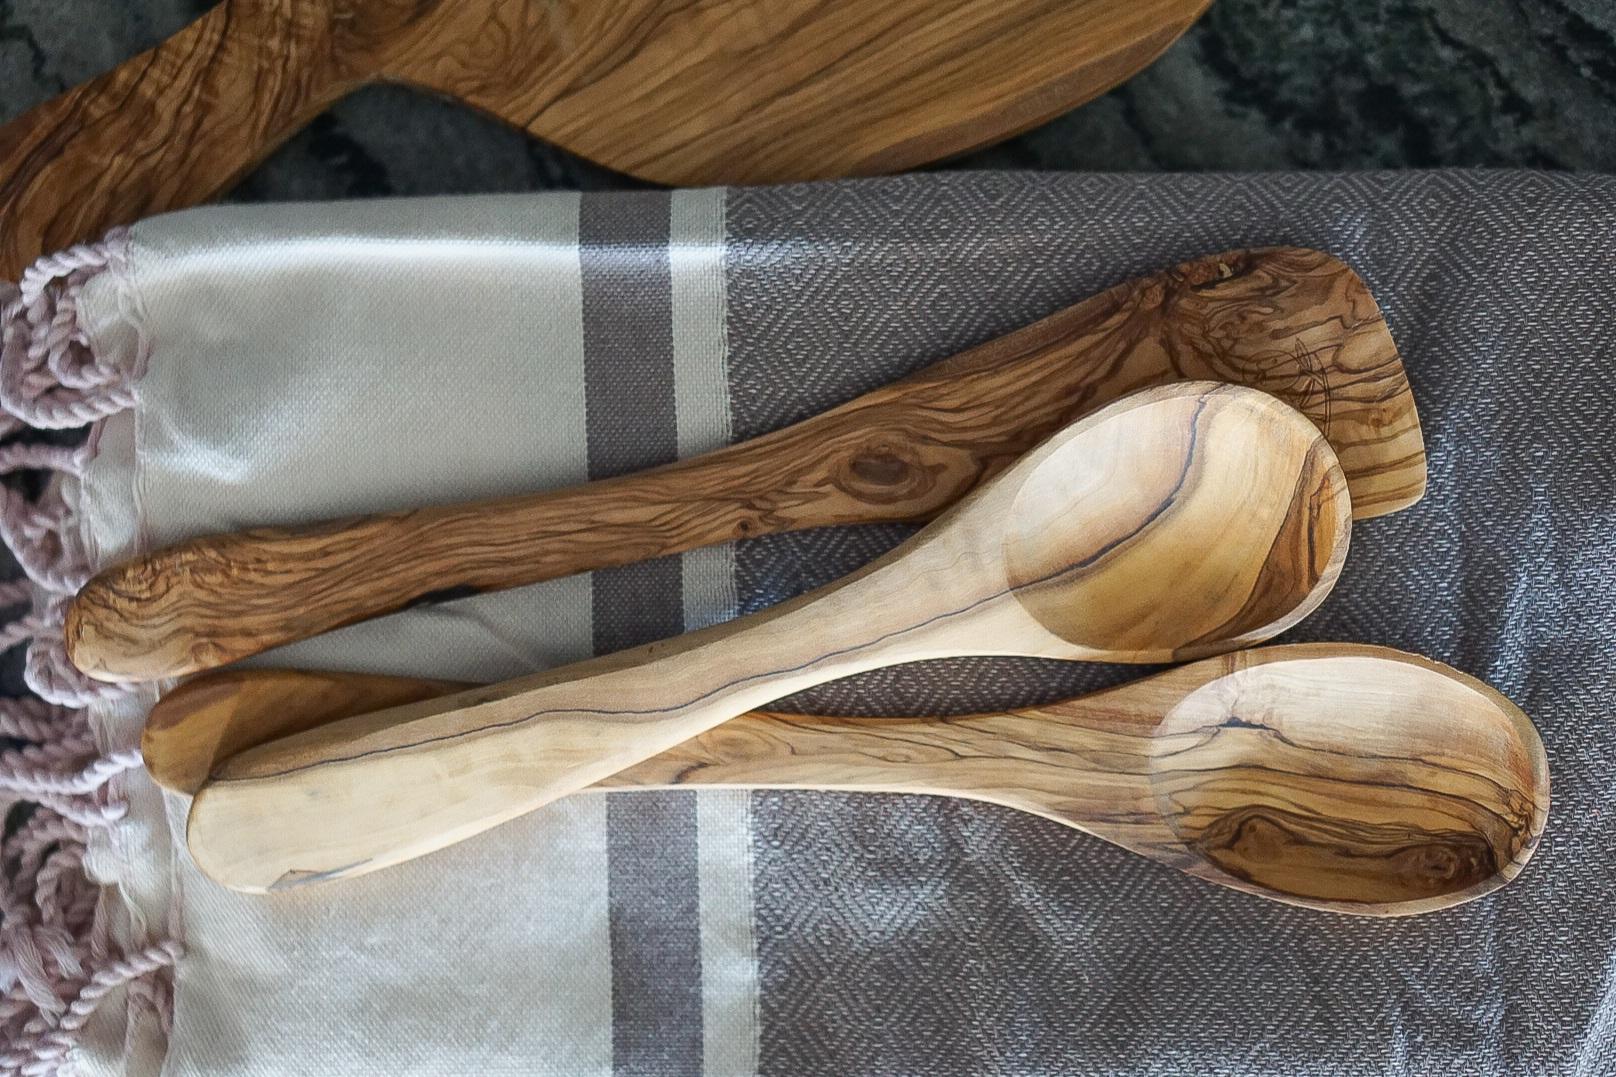 Olive wood spoons.jpg